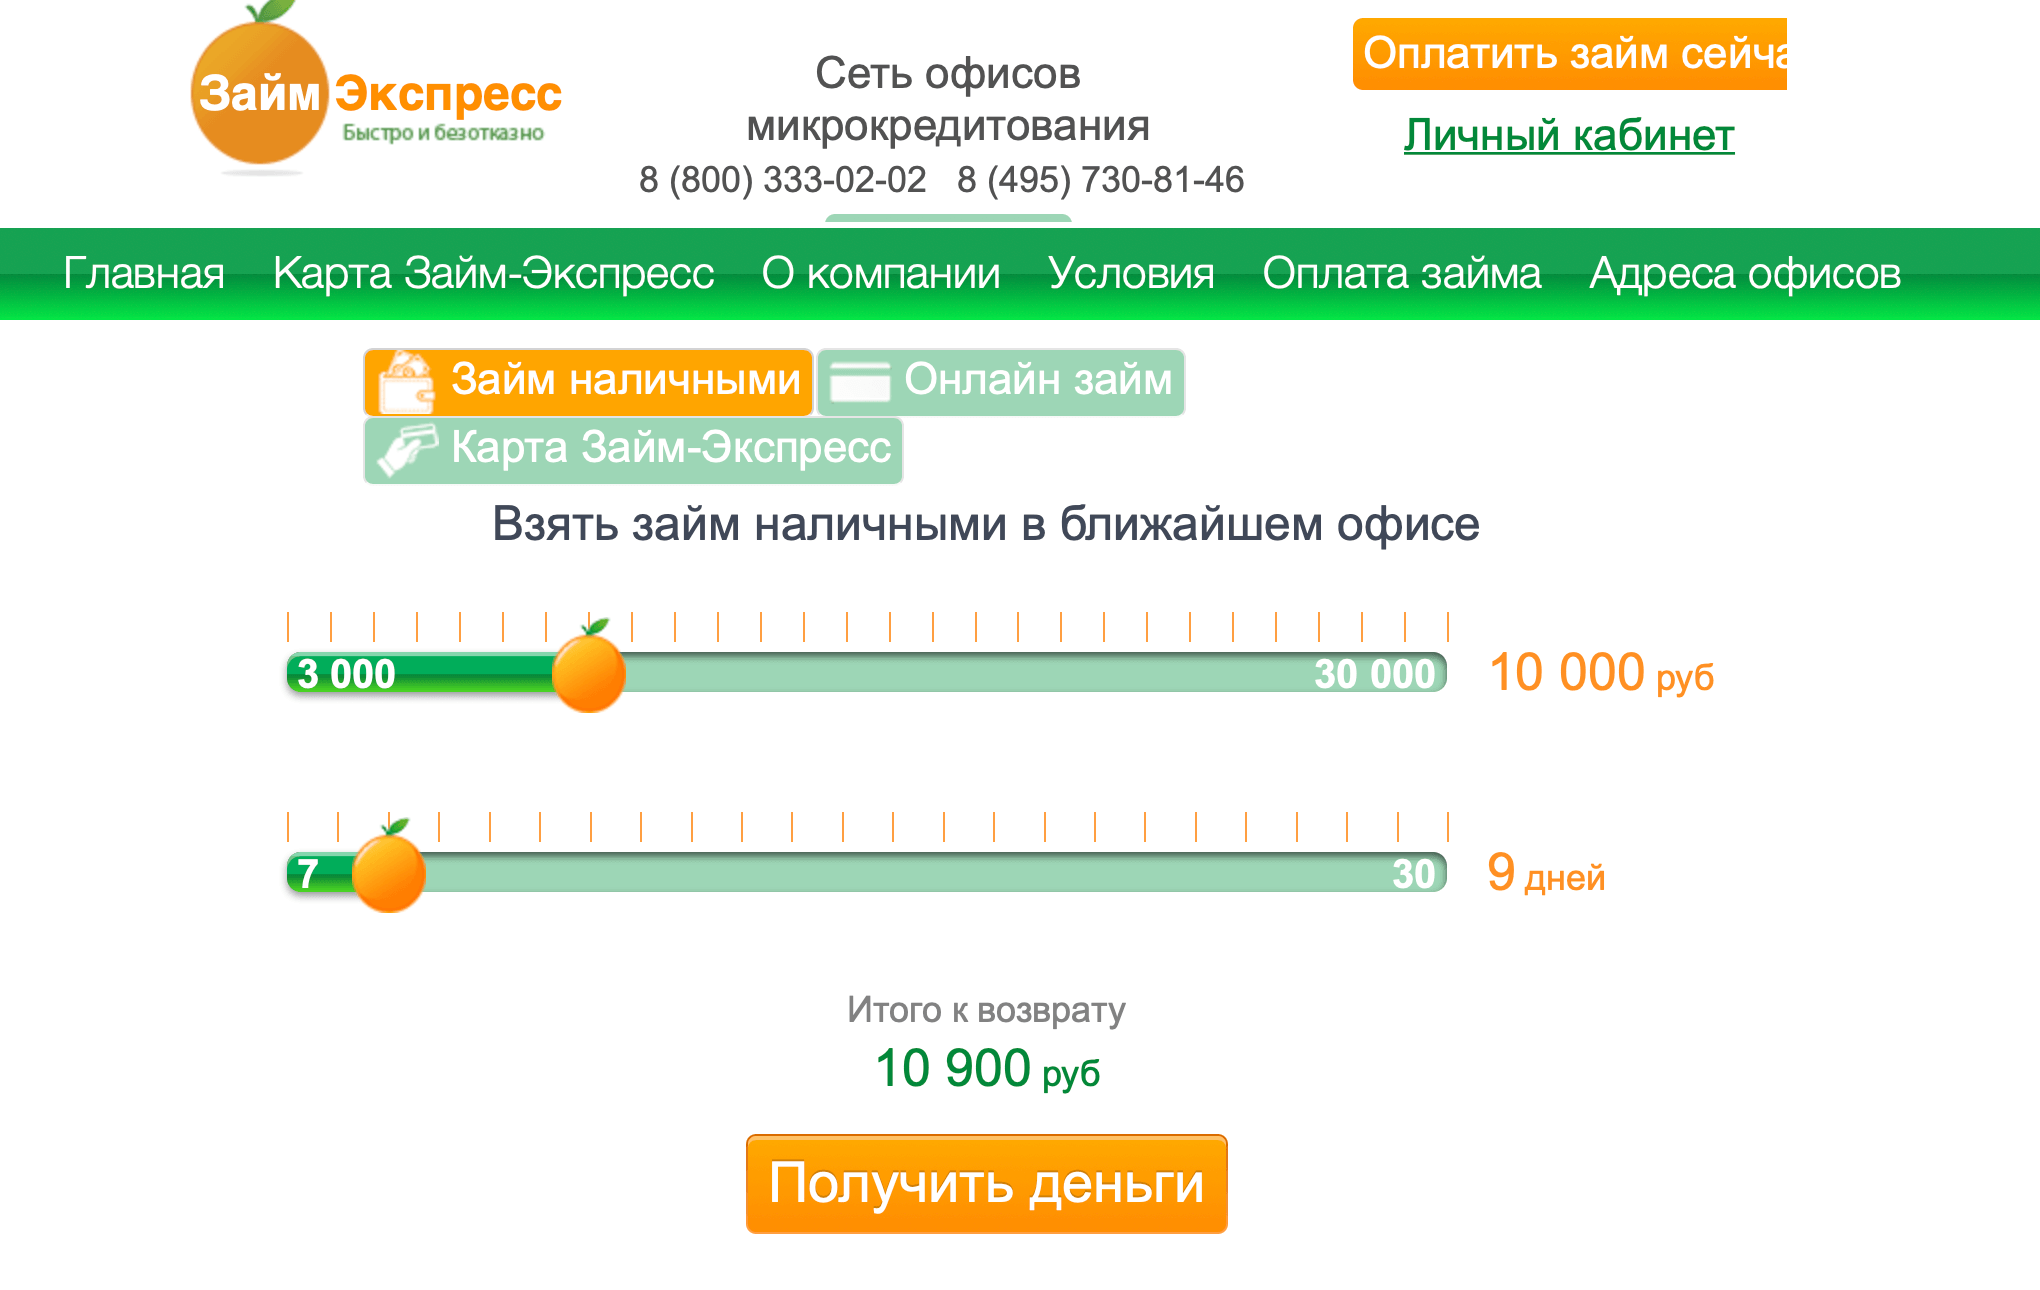 Официальный сайт займ экспресс